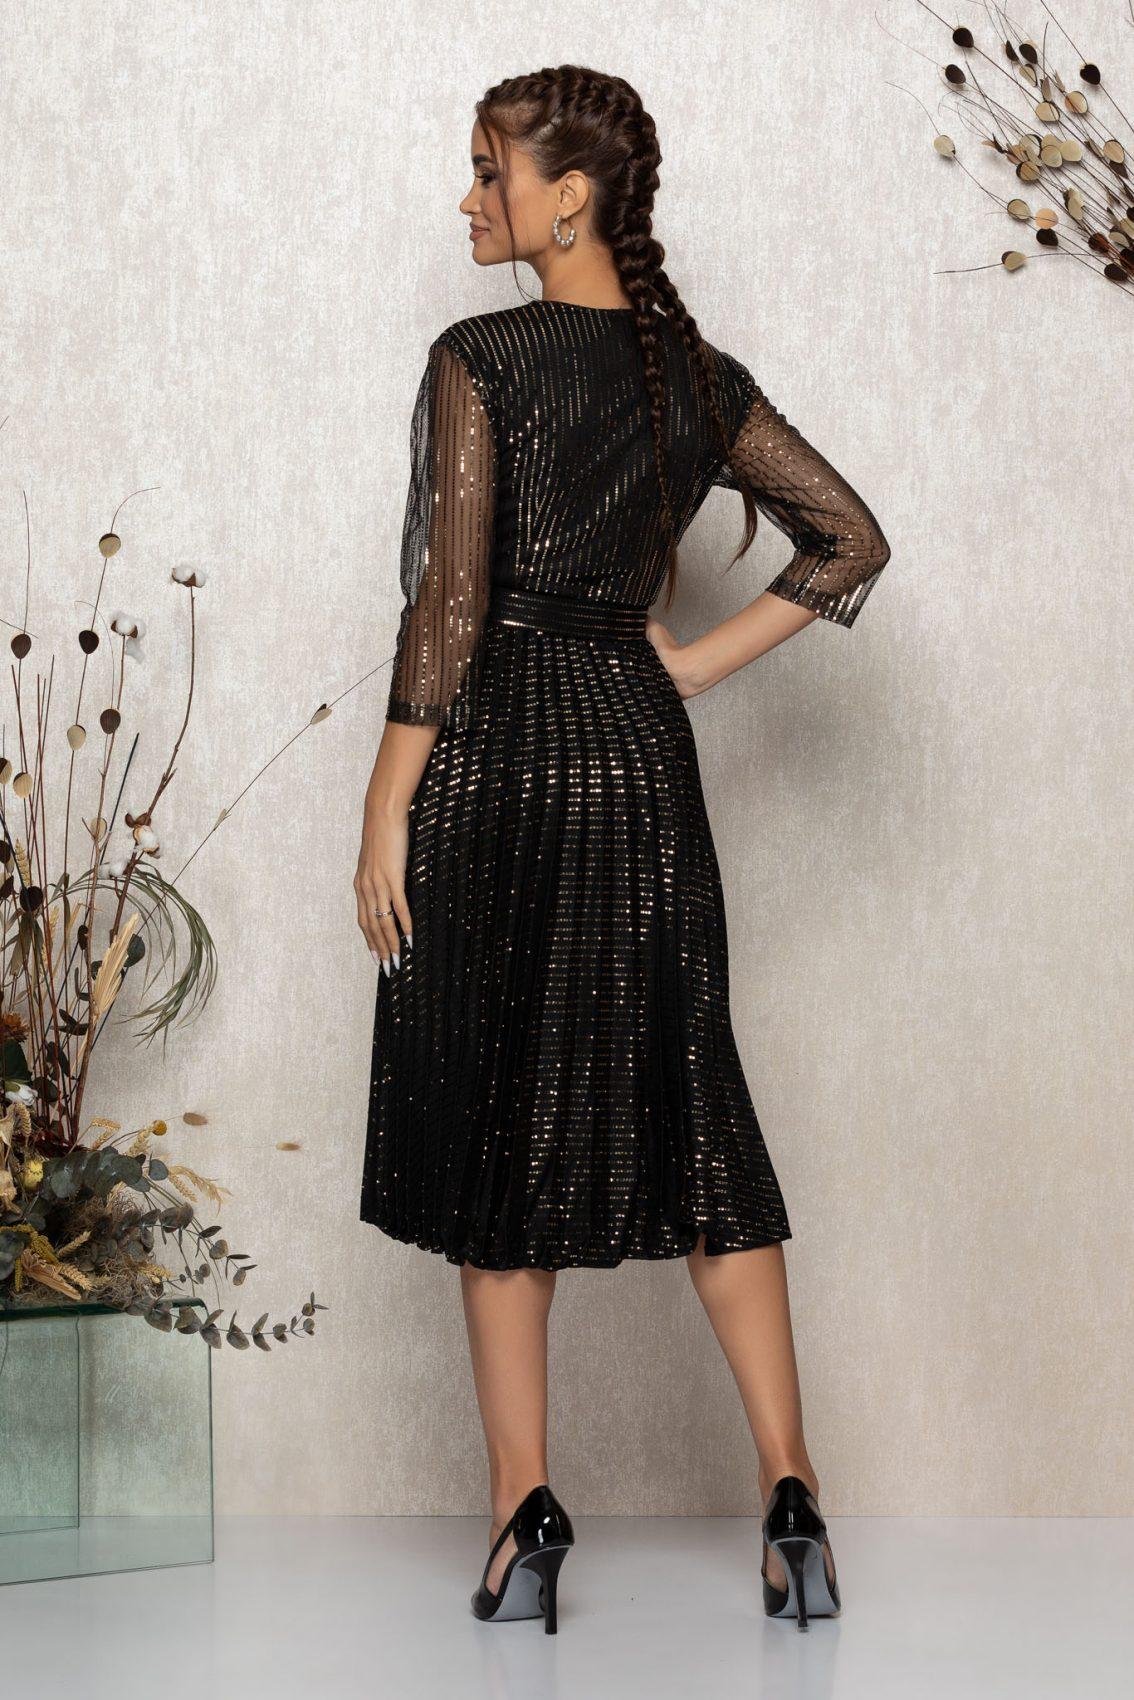 Μίντι Μαύρο Βραδινό Πλισέ Φόρεμα Delilah T382 2